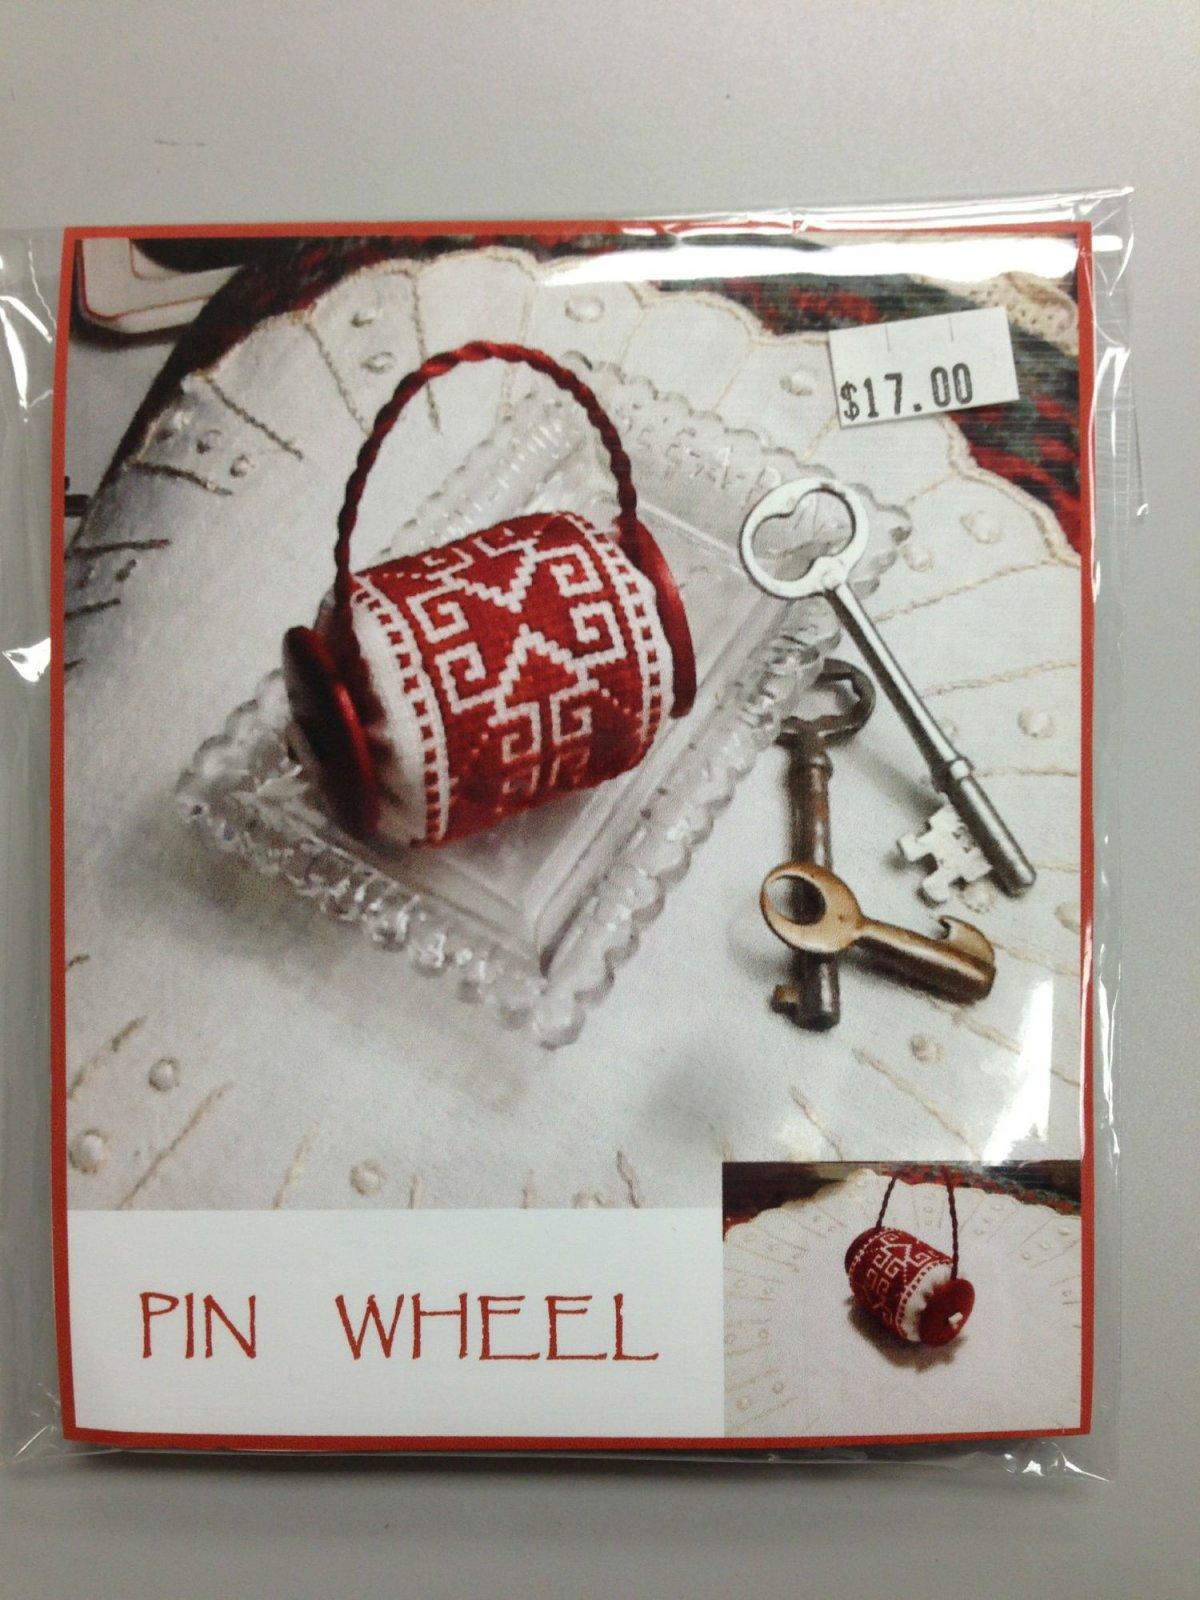 The Purple Thread Pin Wheel kit